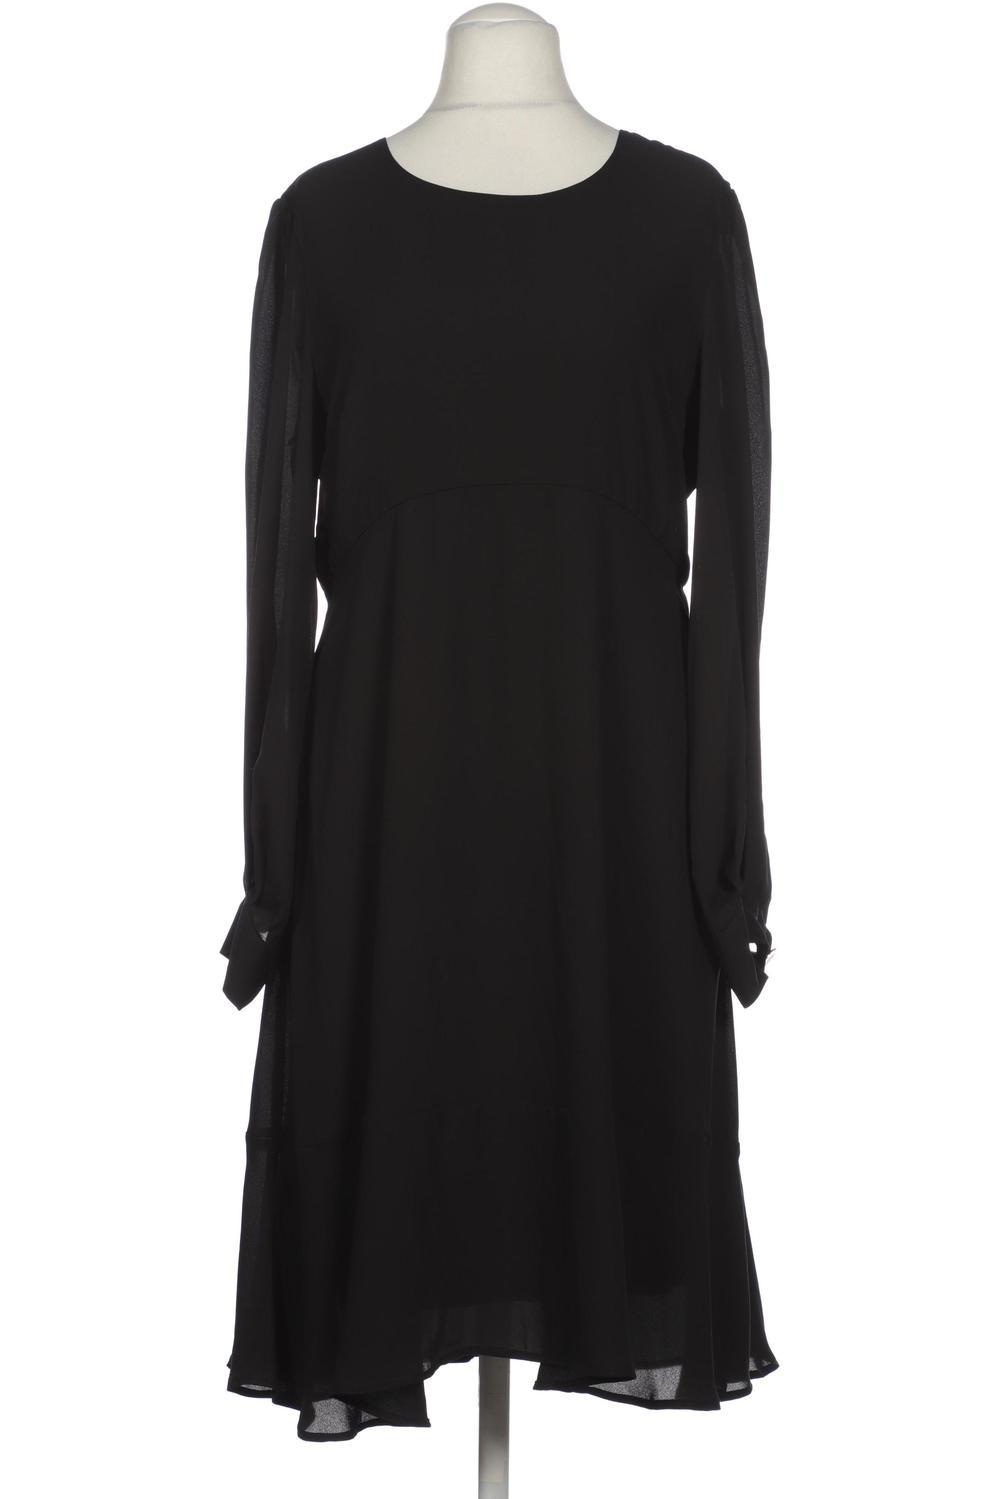 details zu mint & berry kleid damen dress damenkleid gr. de 42 schwarz  d27b541